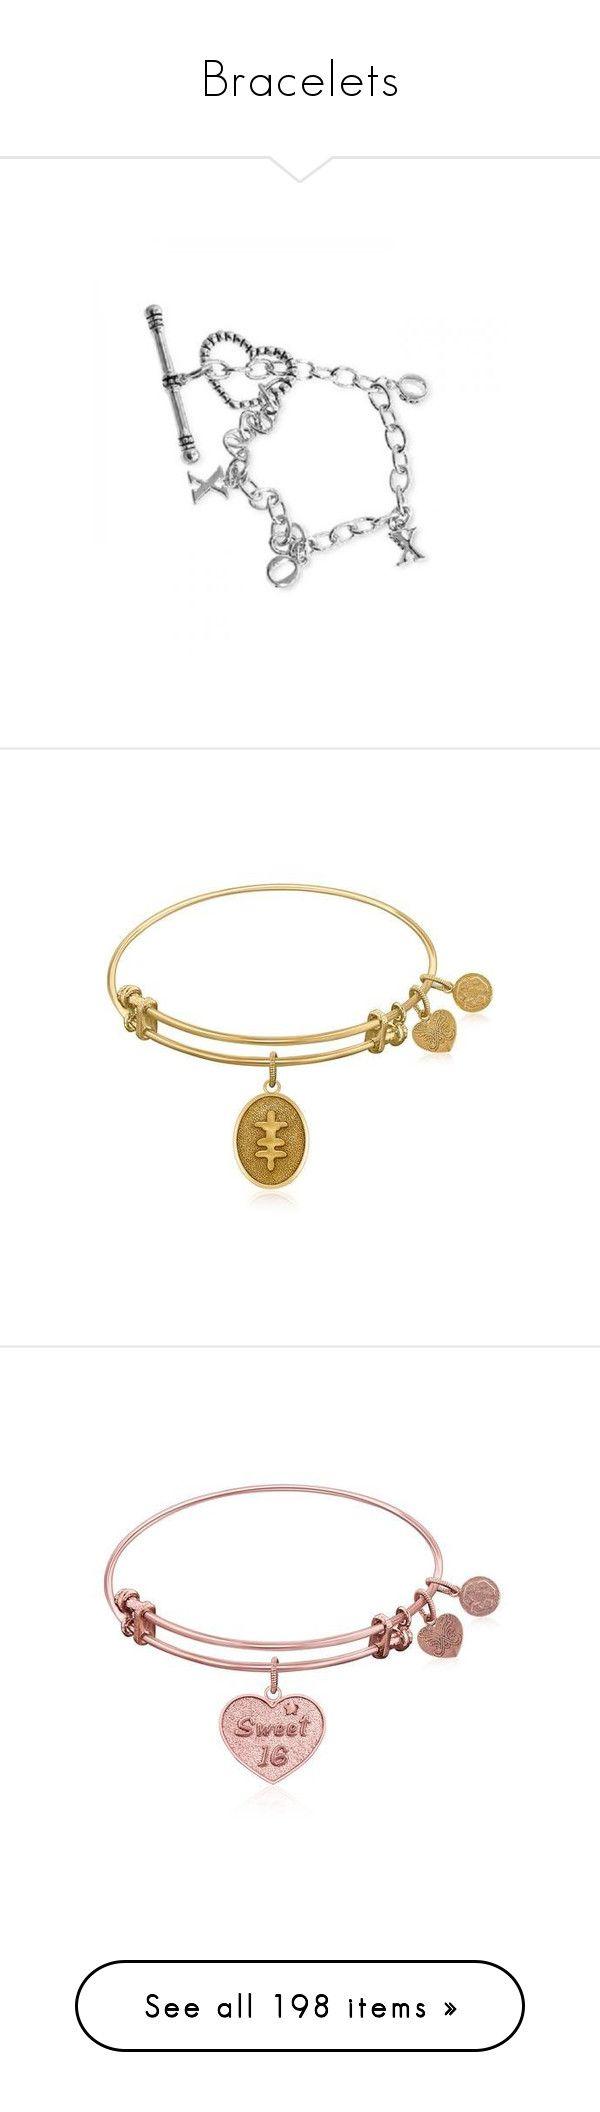 Best 25+ White gold charm bracelet ideas on Pinterest | DIY ...